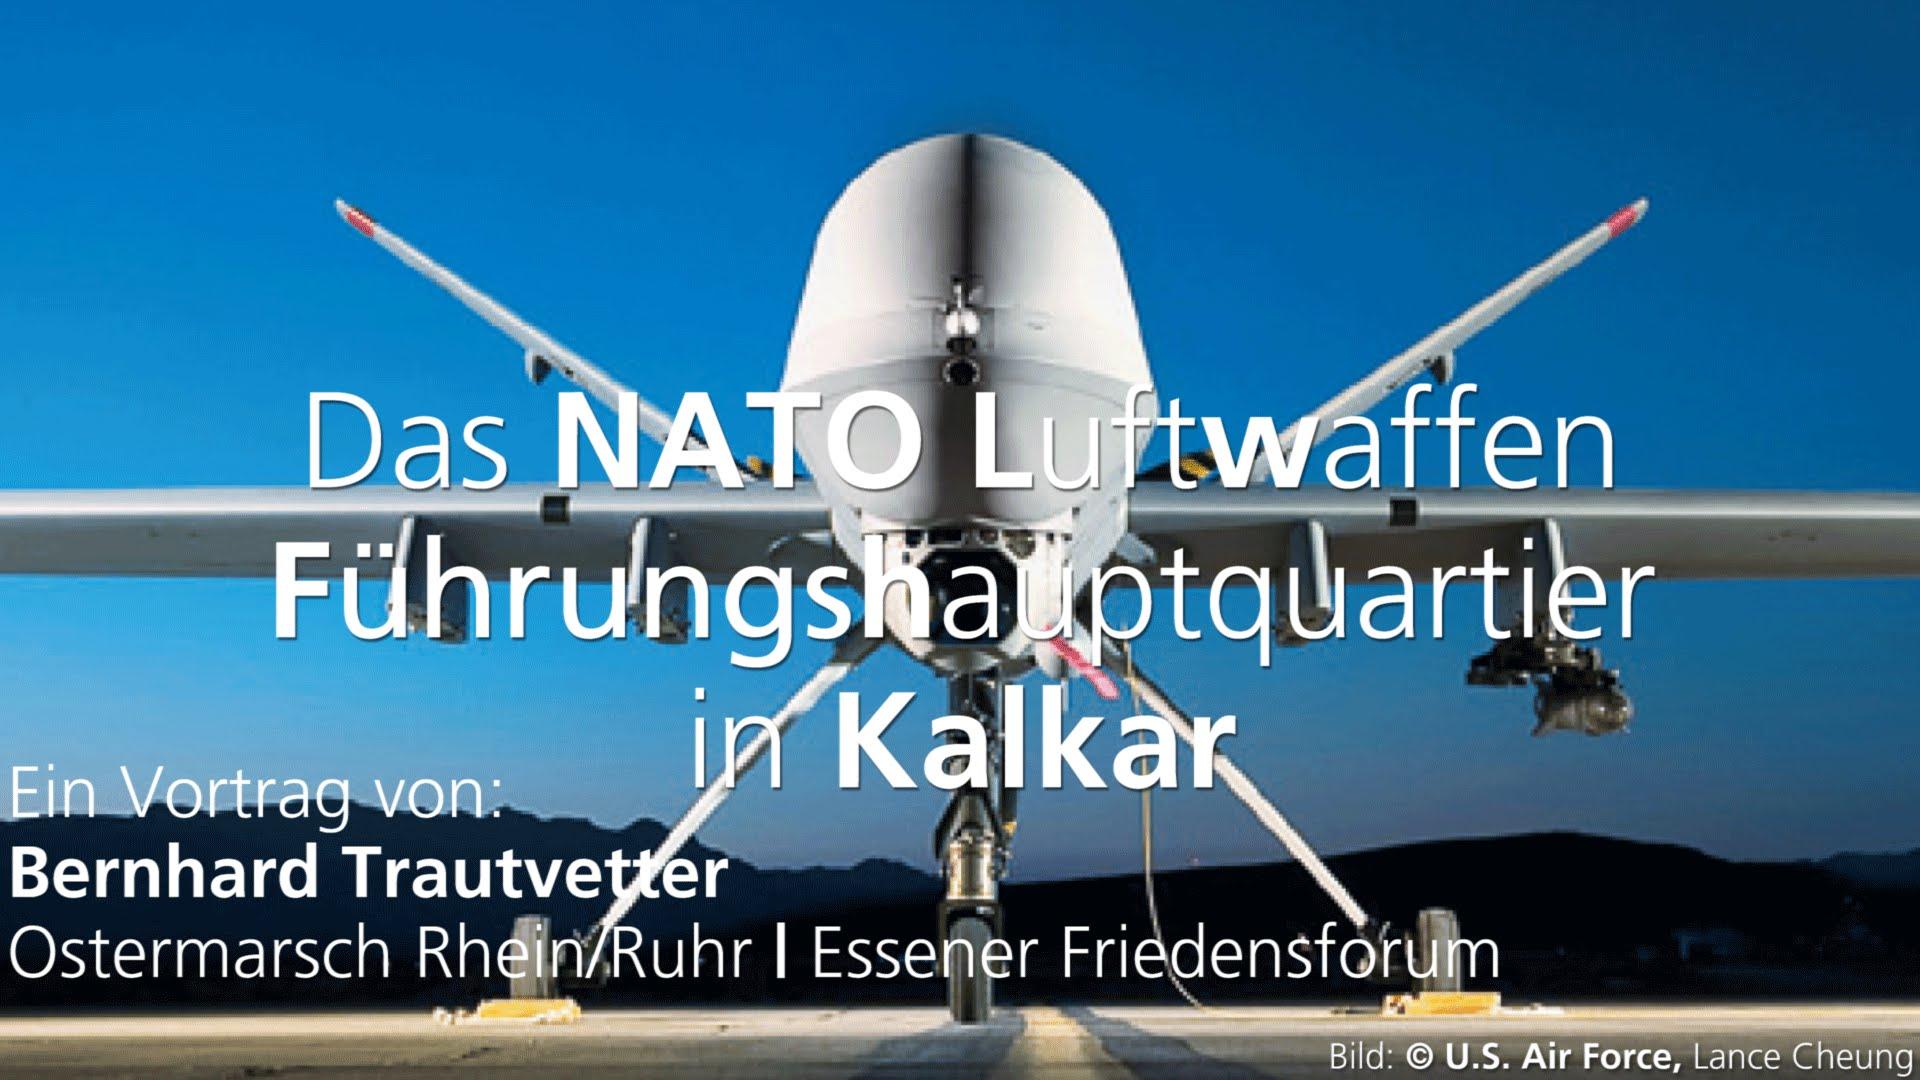 Das NATO Luftwaffen Führungshauptquartier in Kalkar